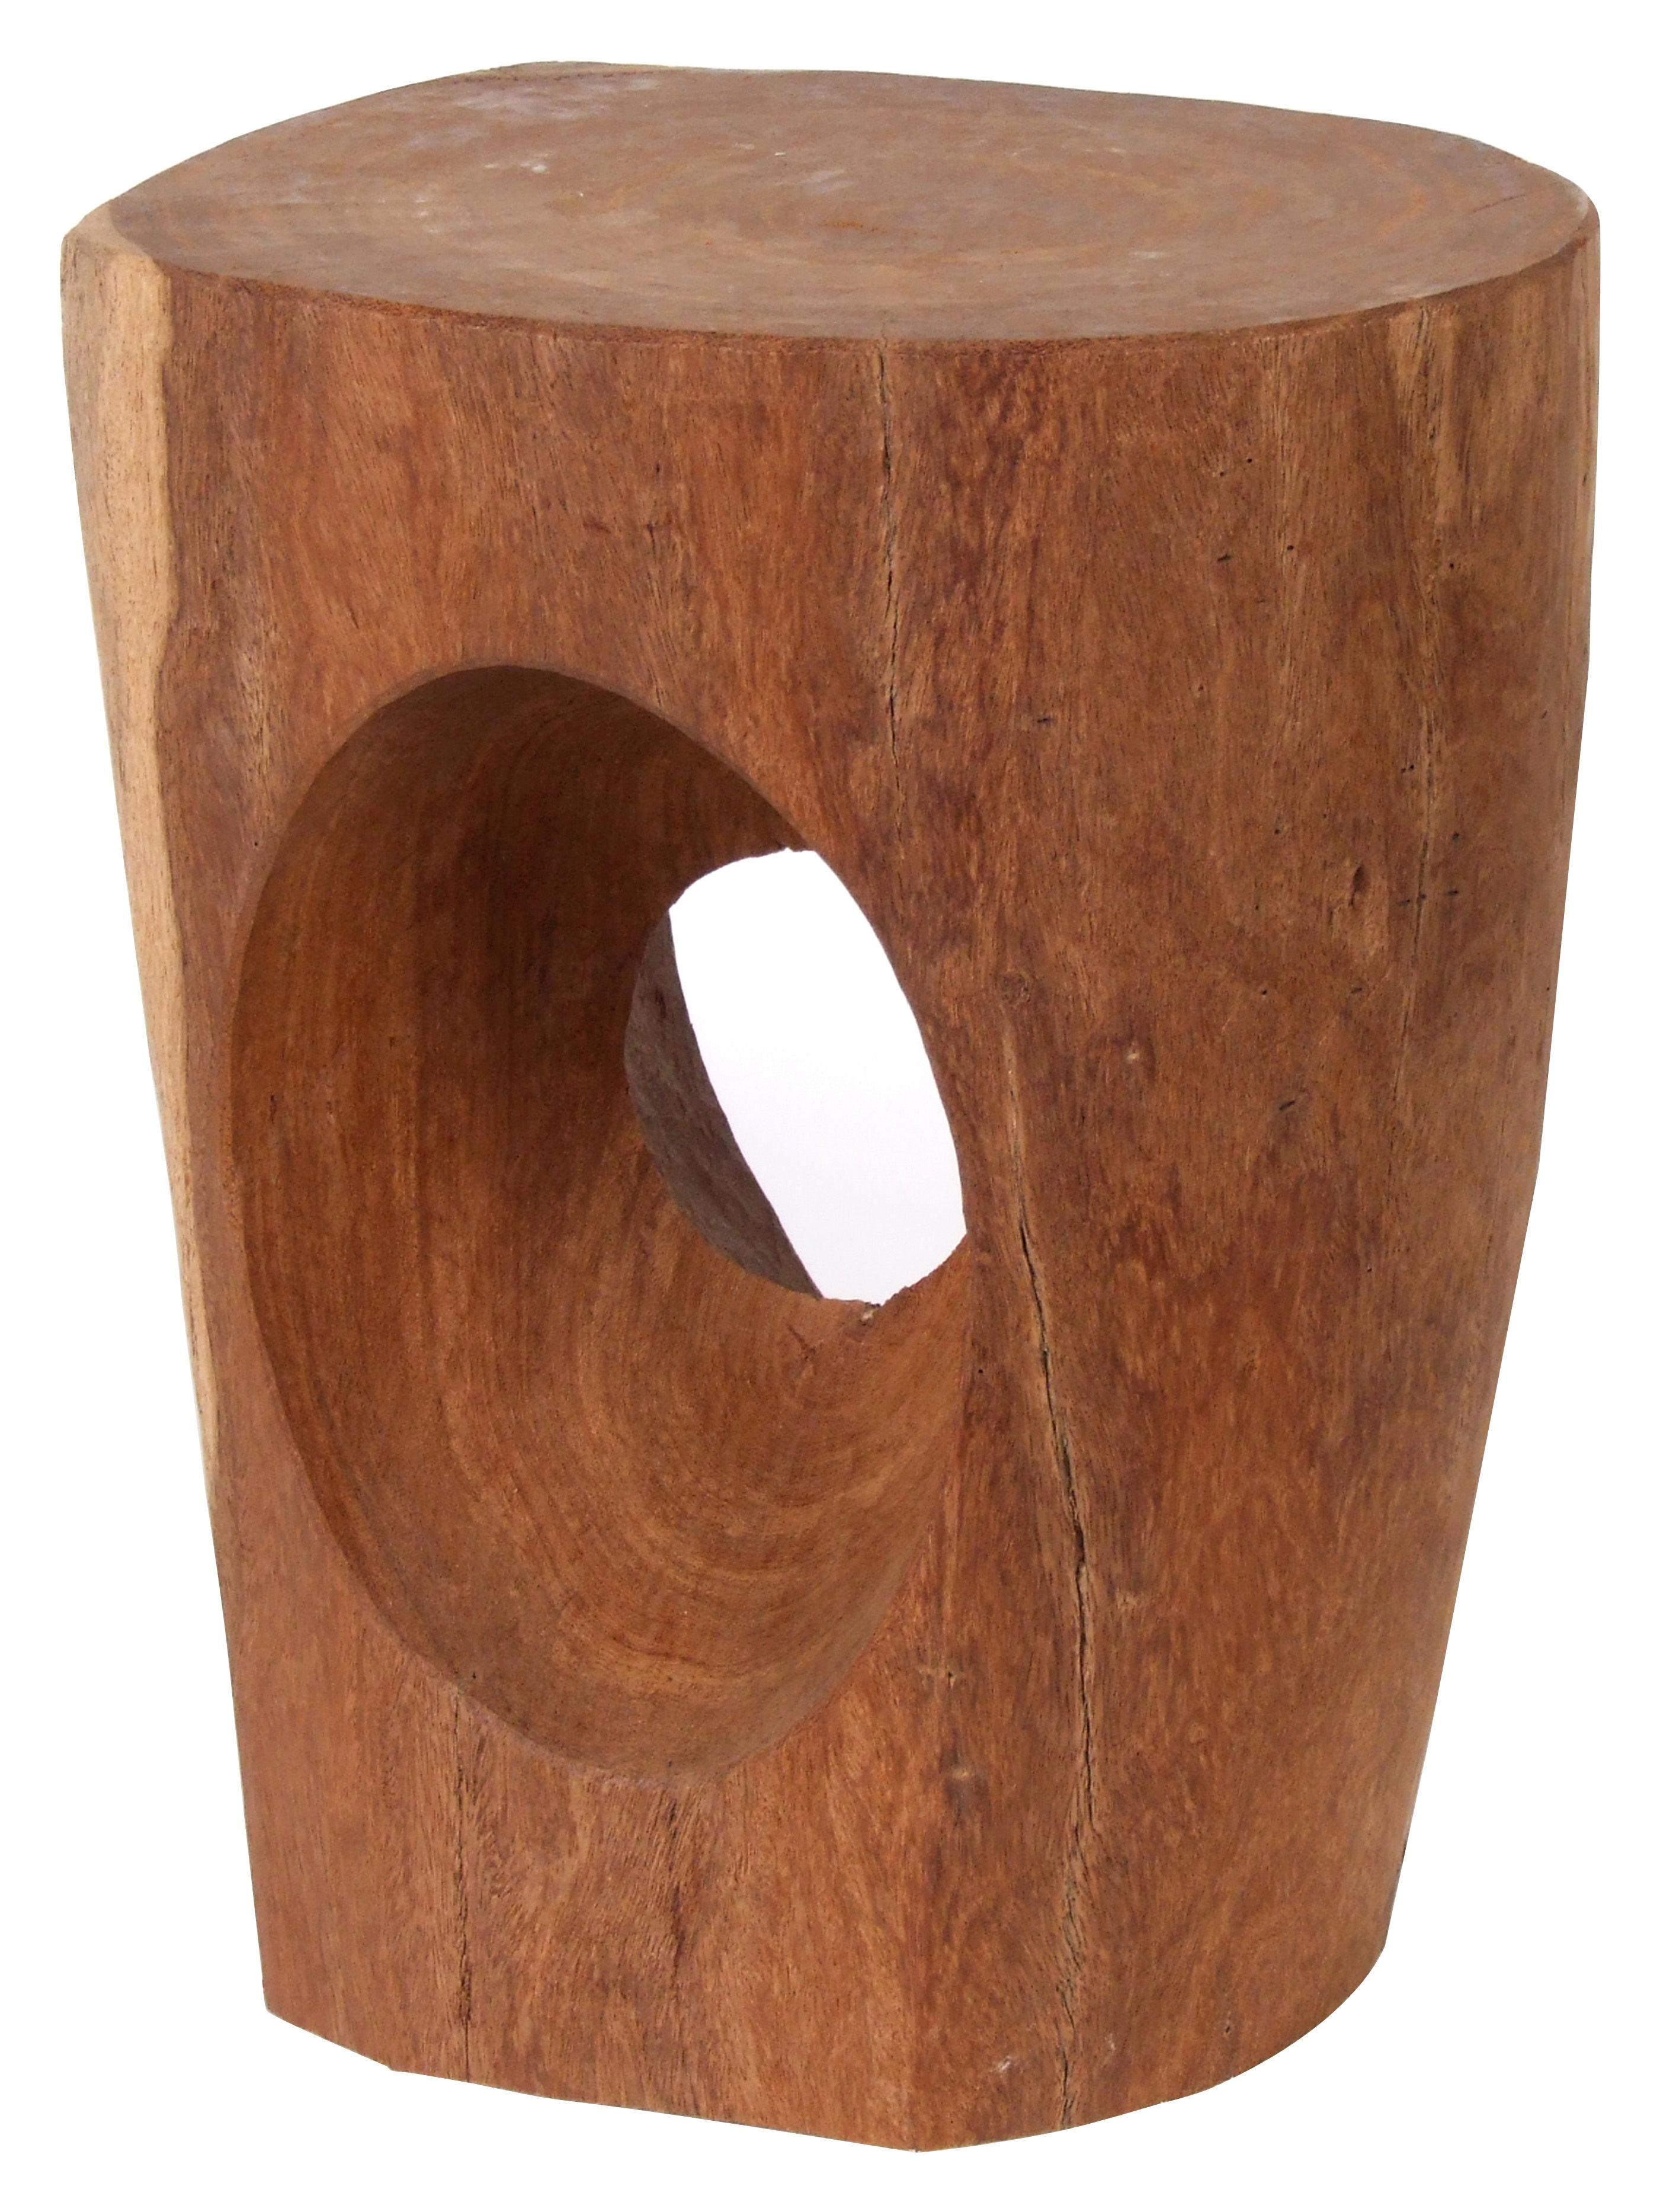 devil 39 s eye stool natural wood by pols potten. Black Bedroom Furniture Sets. Home Design Ideas